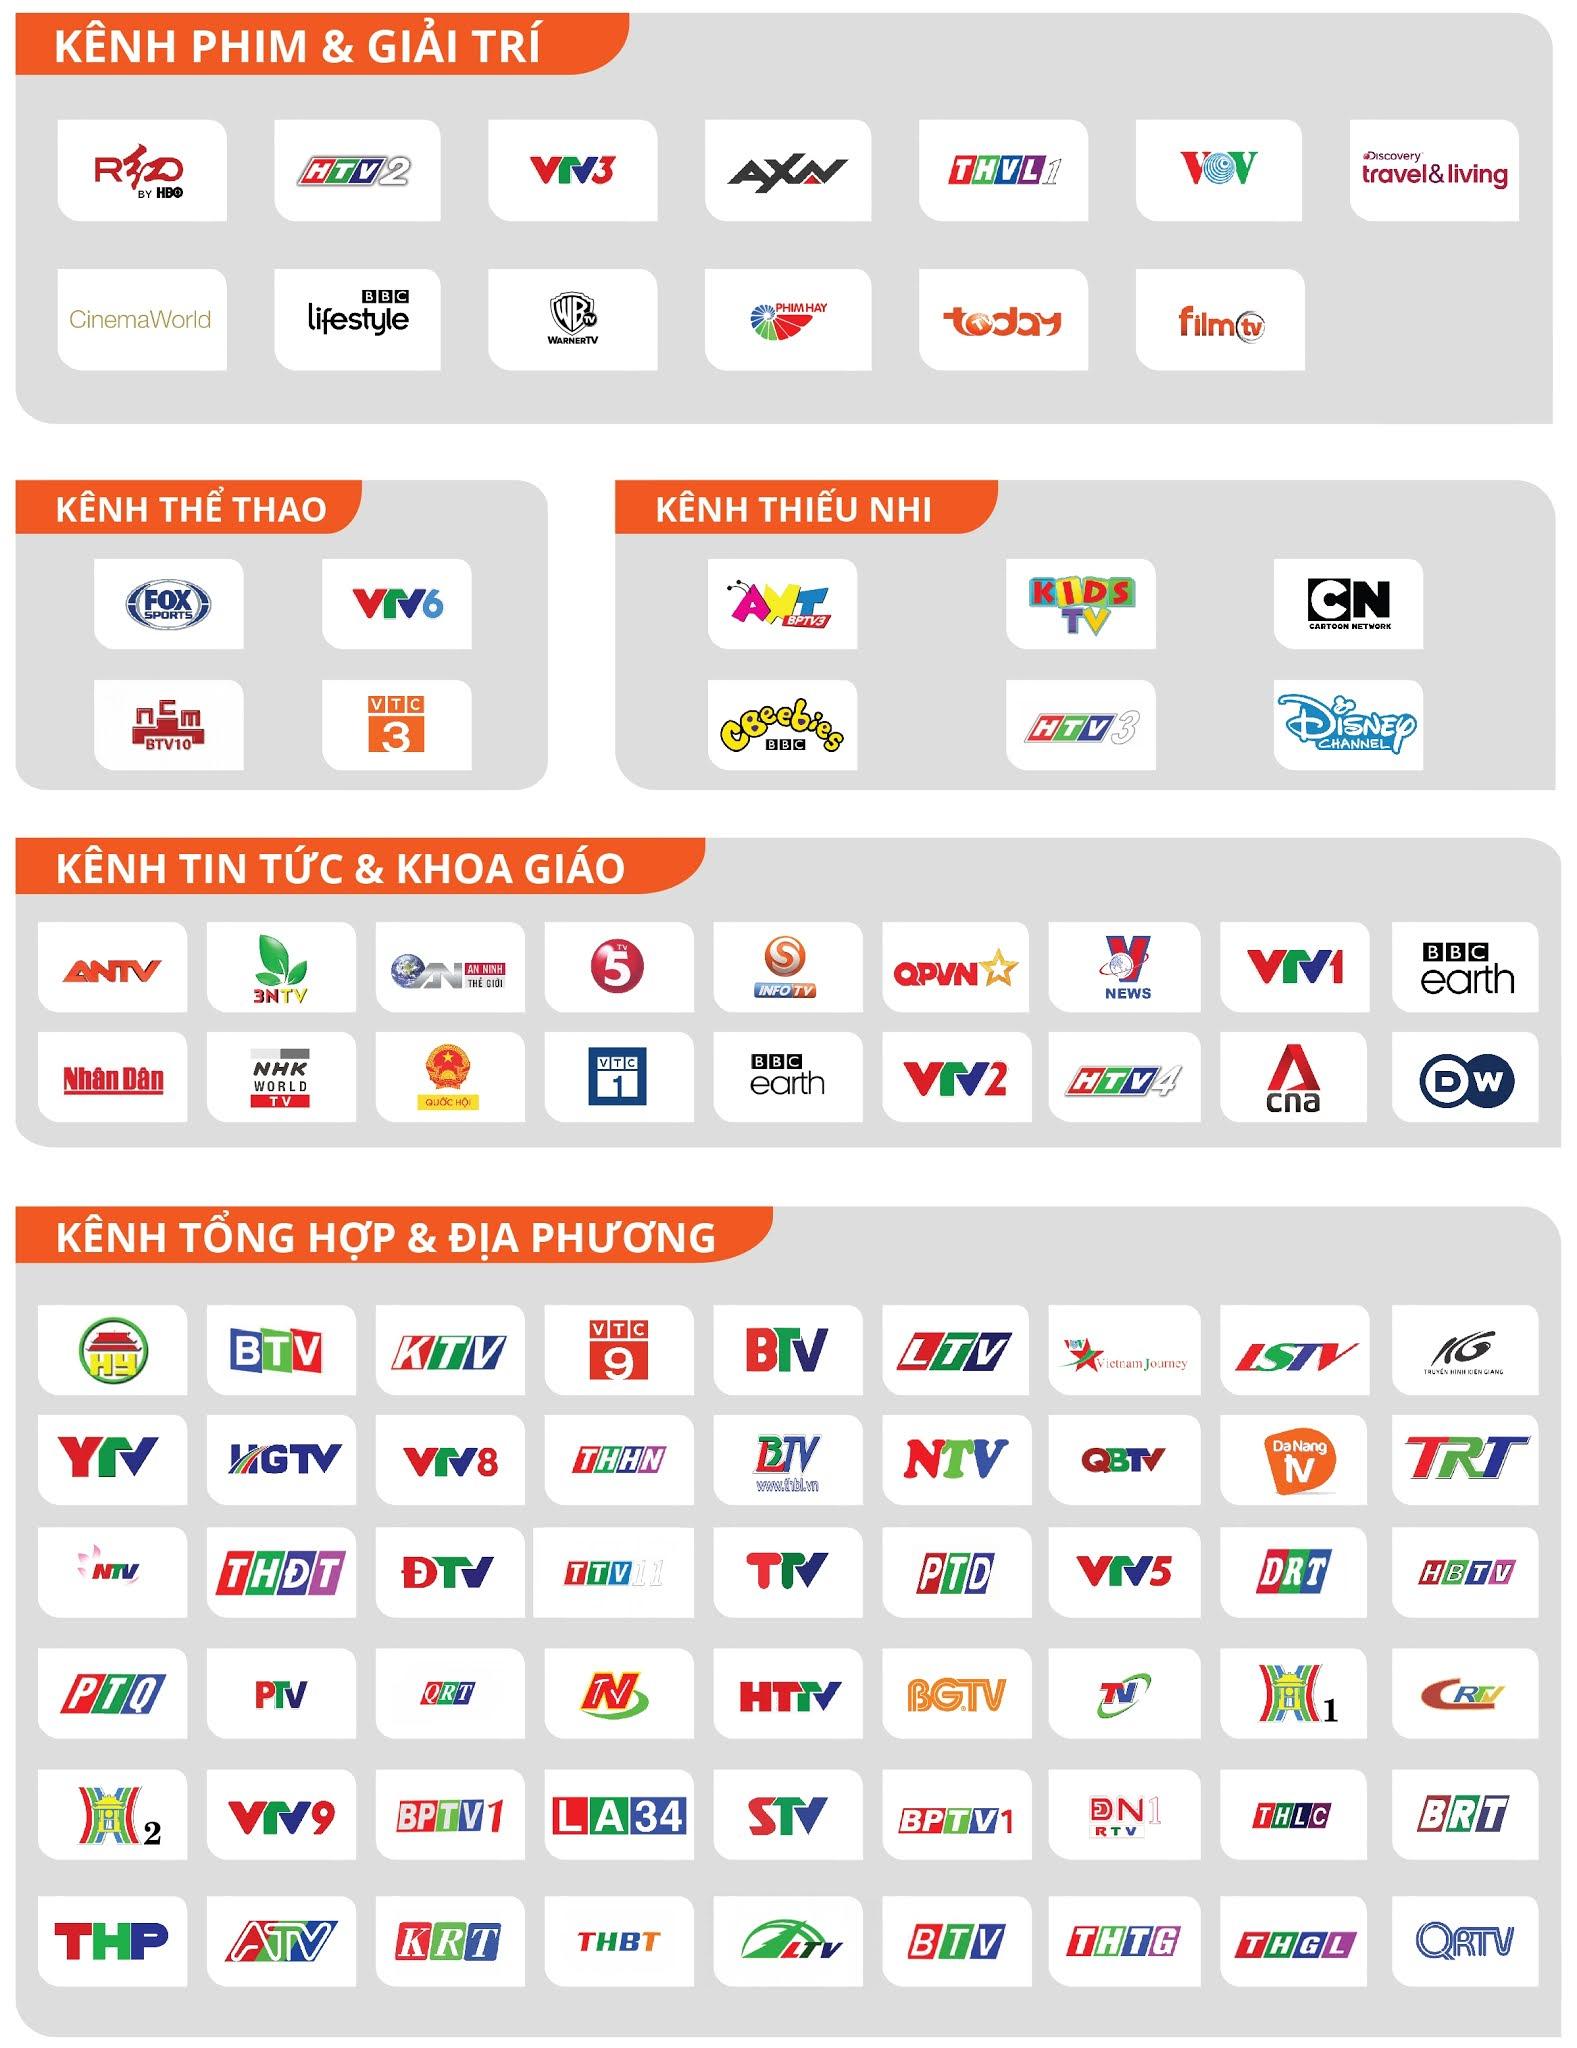 Bảng kênh truyền hình An Viên - Gói cơ bản (Hệ thống truyền vệ tinh DTH)